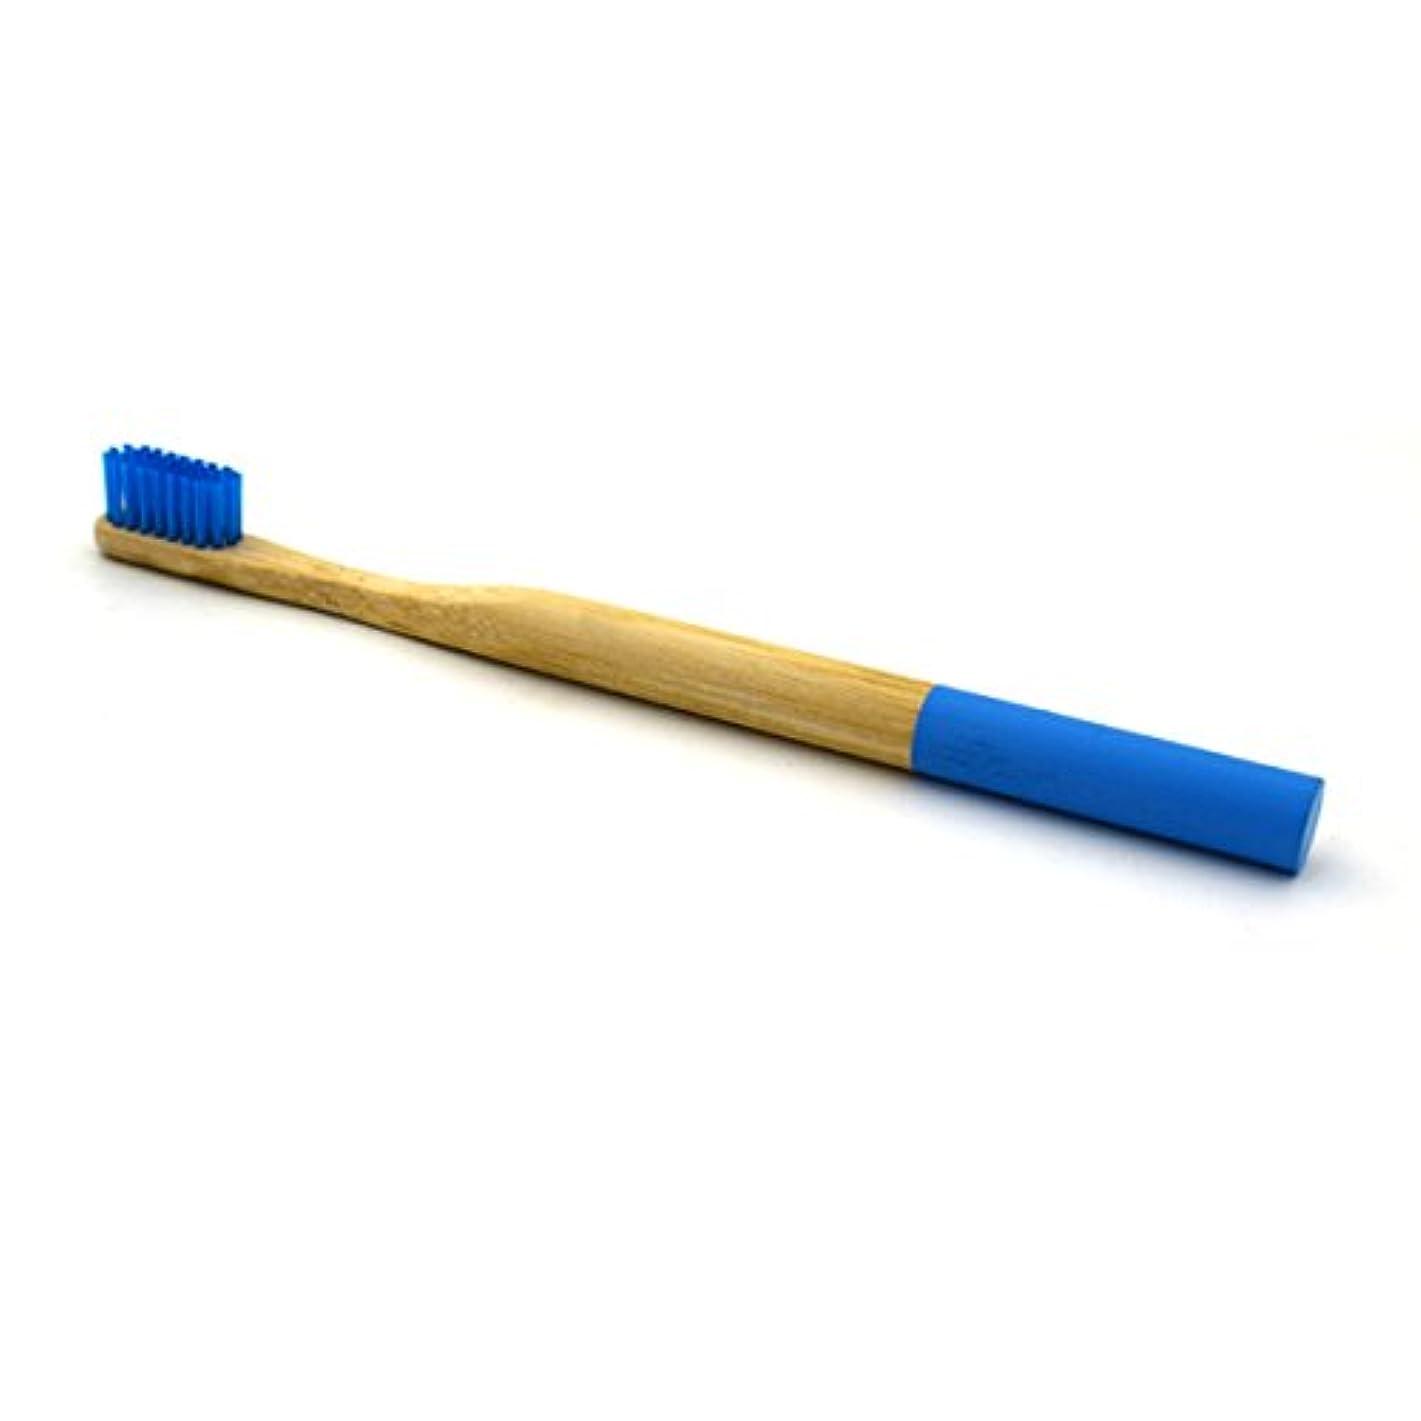 セッション同化出版HEALLILY 円形のハンドルのEcoの友好的で柔らかい剛毛の歯ブラシが付いている2 PCS自然なタケ歯ブラシ